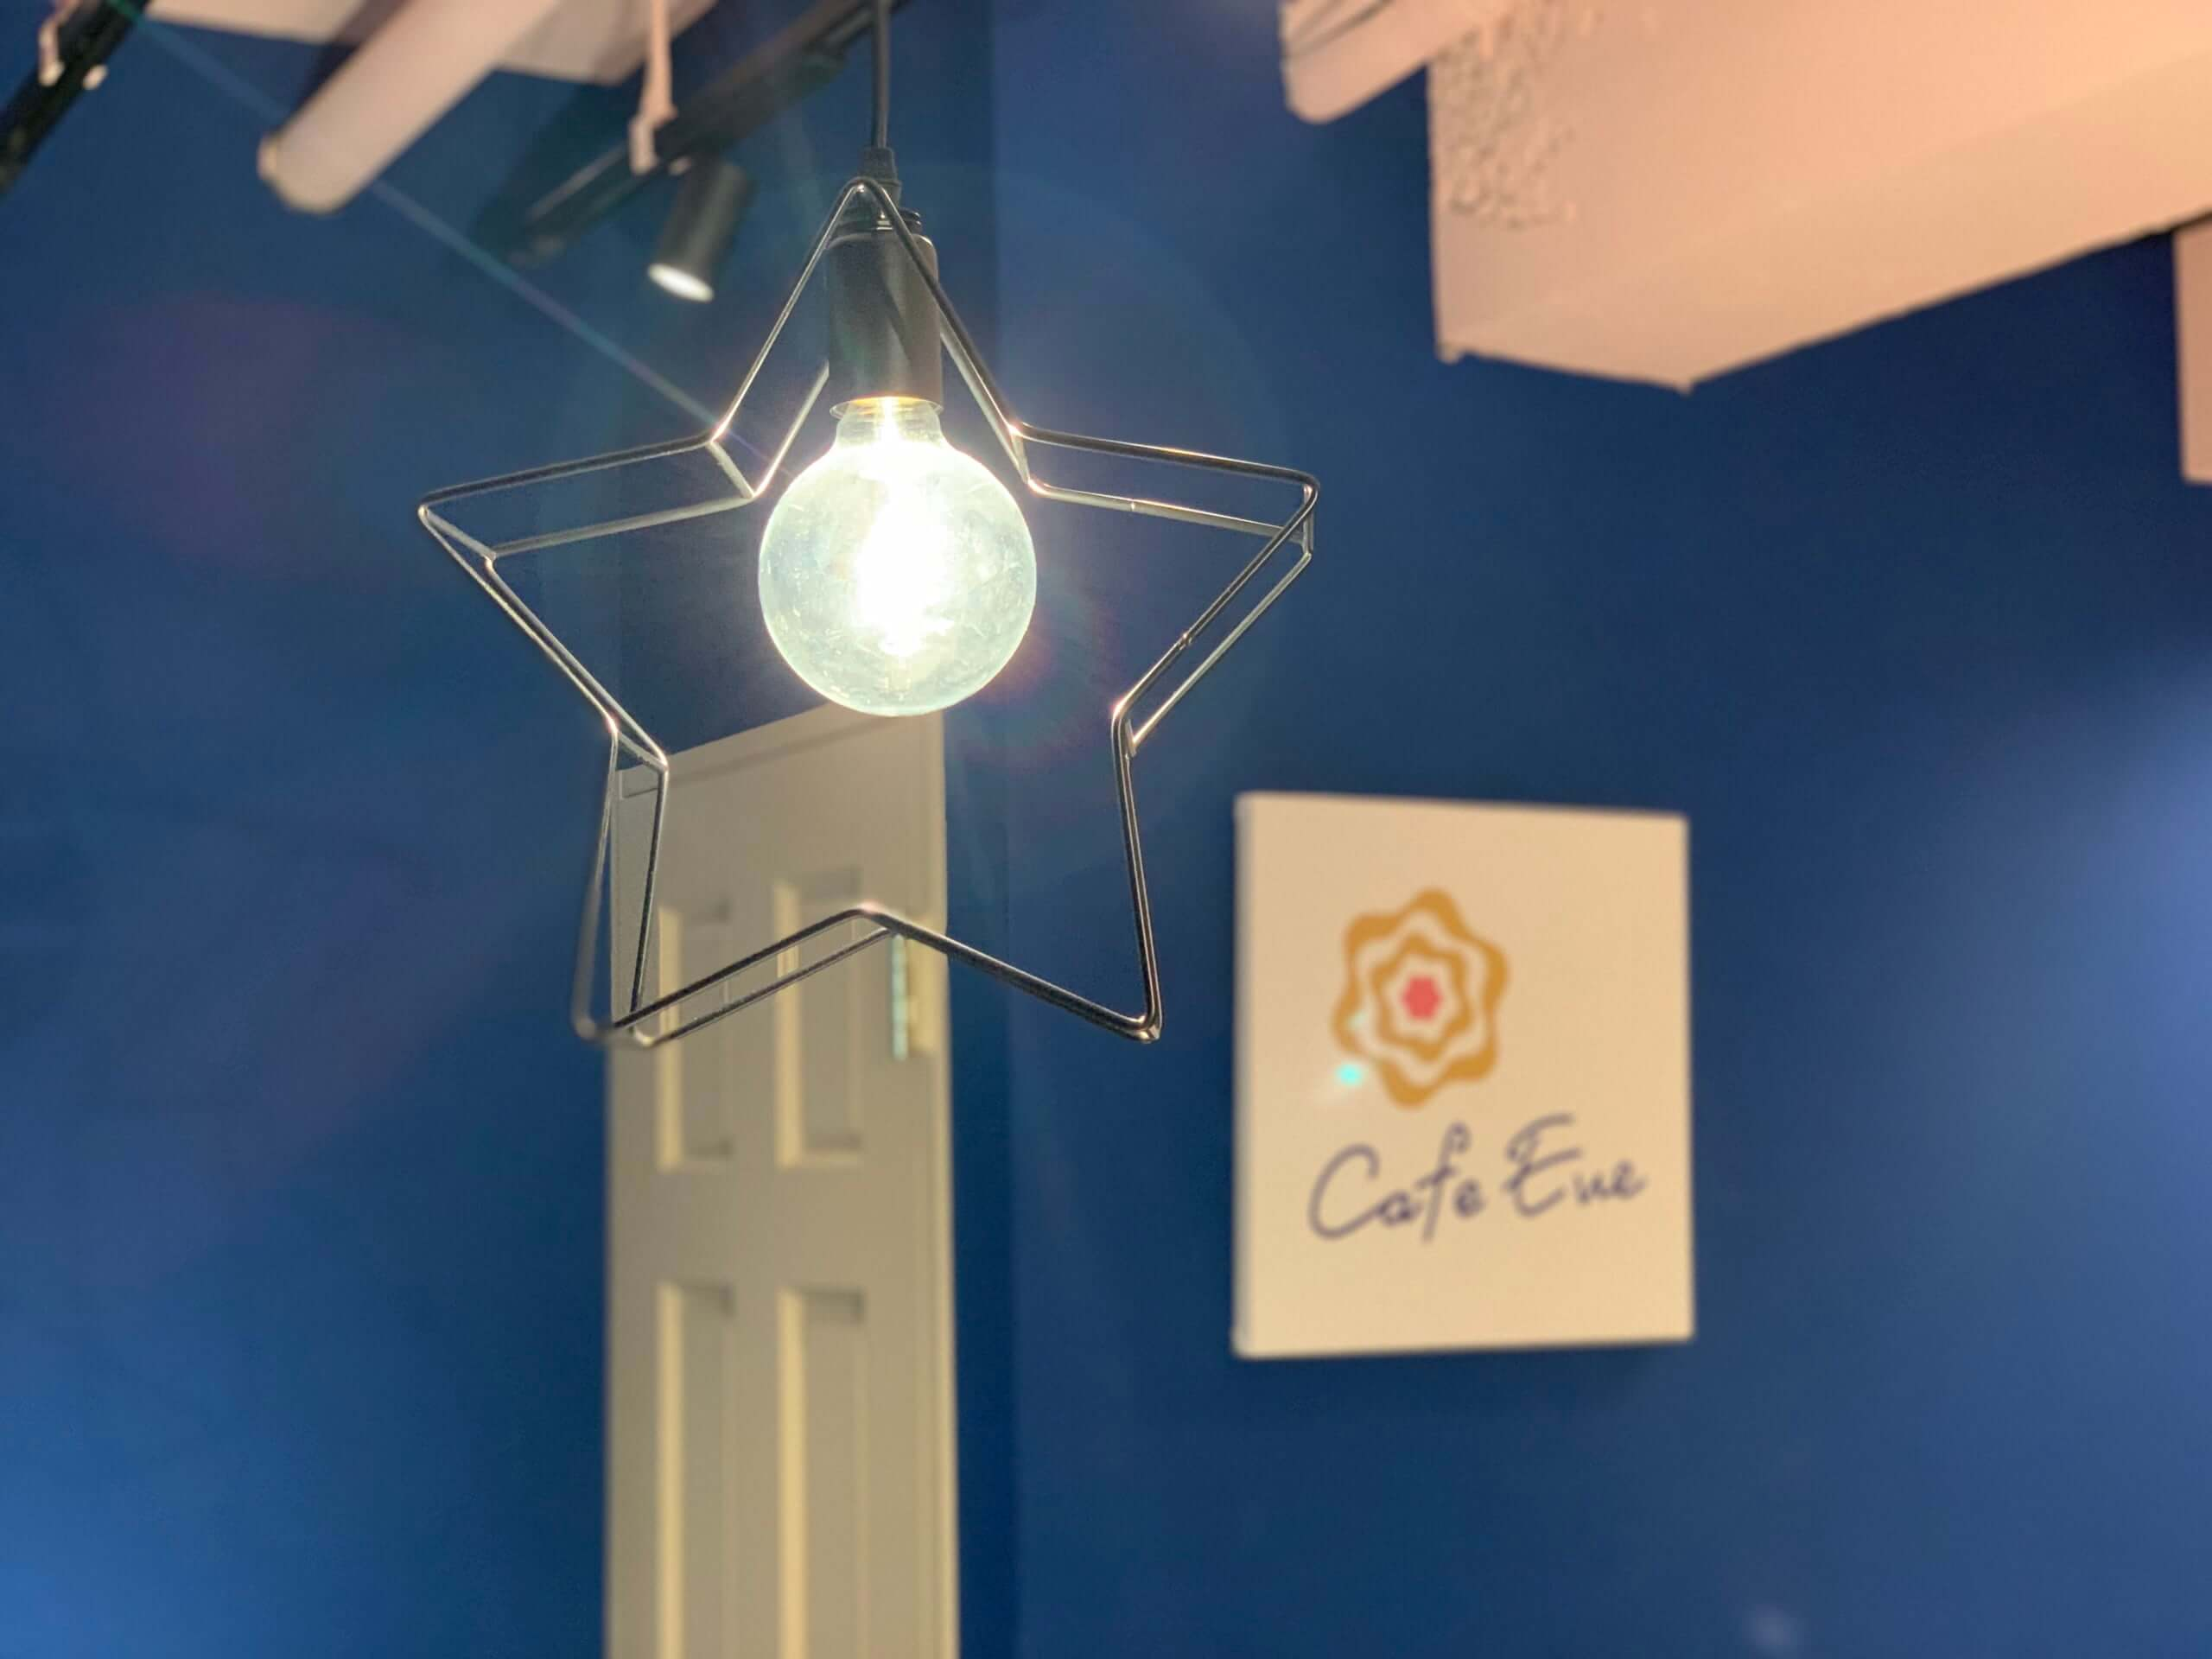 Cafe Eveの入口